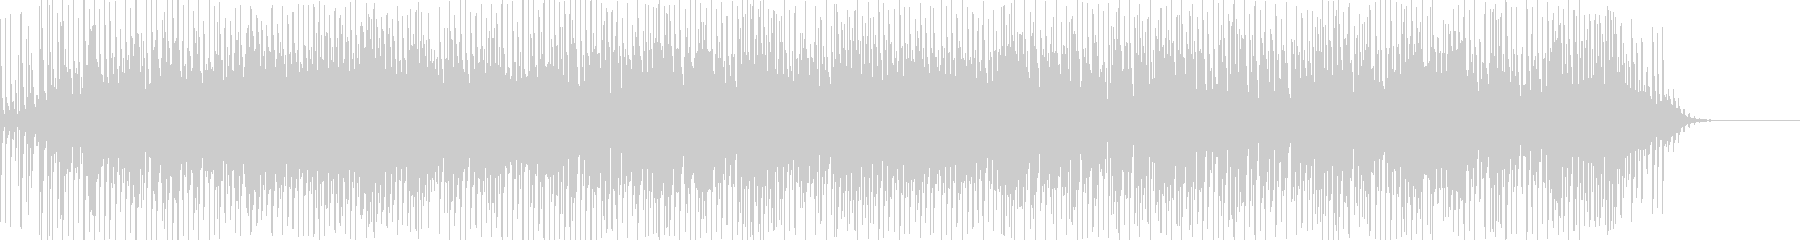 不思議ギター音入りのエレクトロBGMですの未再生の波形